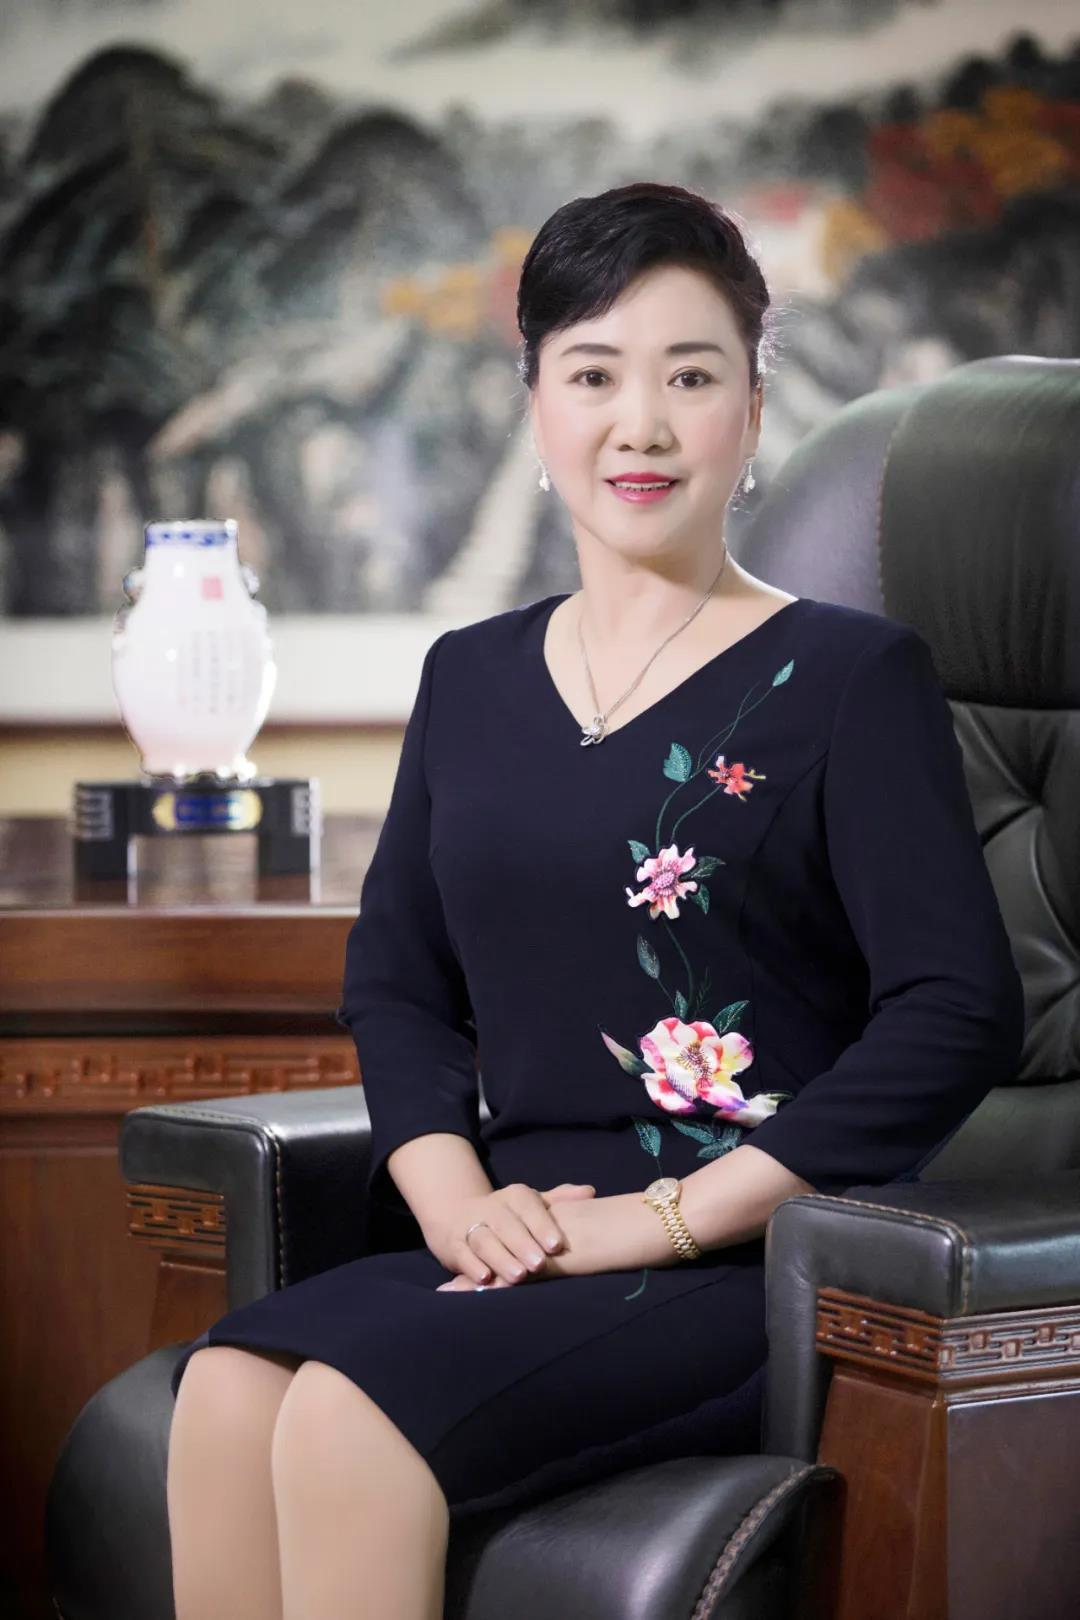 """广纳集团创始人王彩荣获内蒙古自治区""""五好家庭""""荣誉称号"""